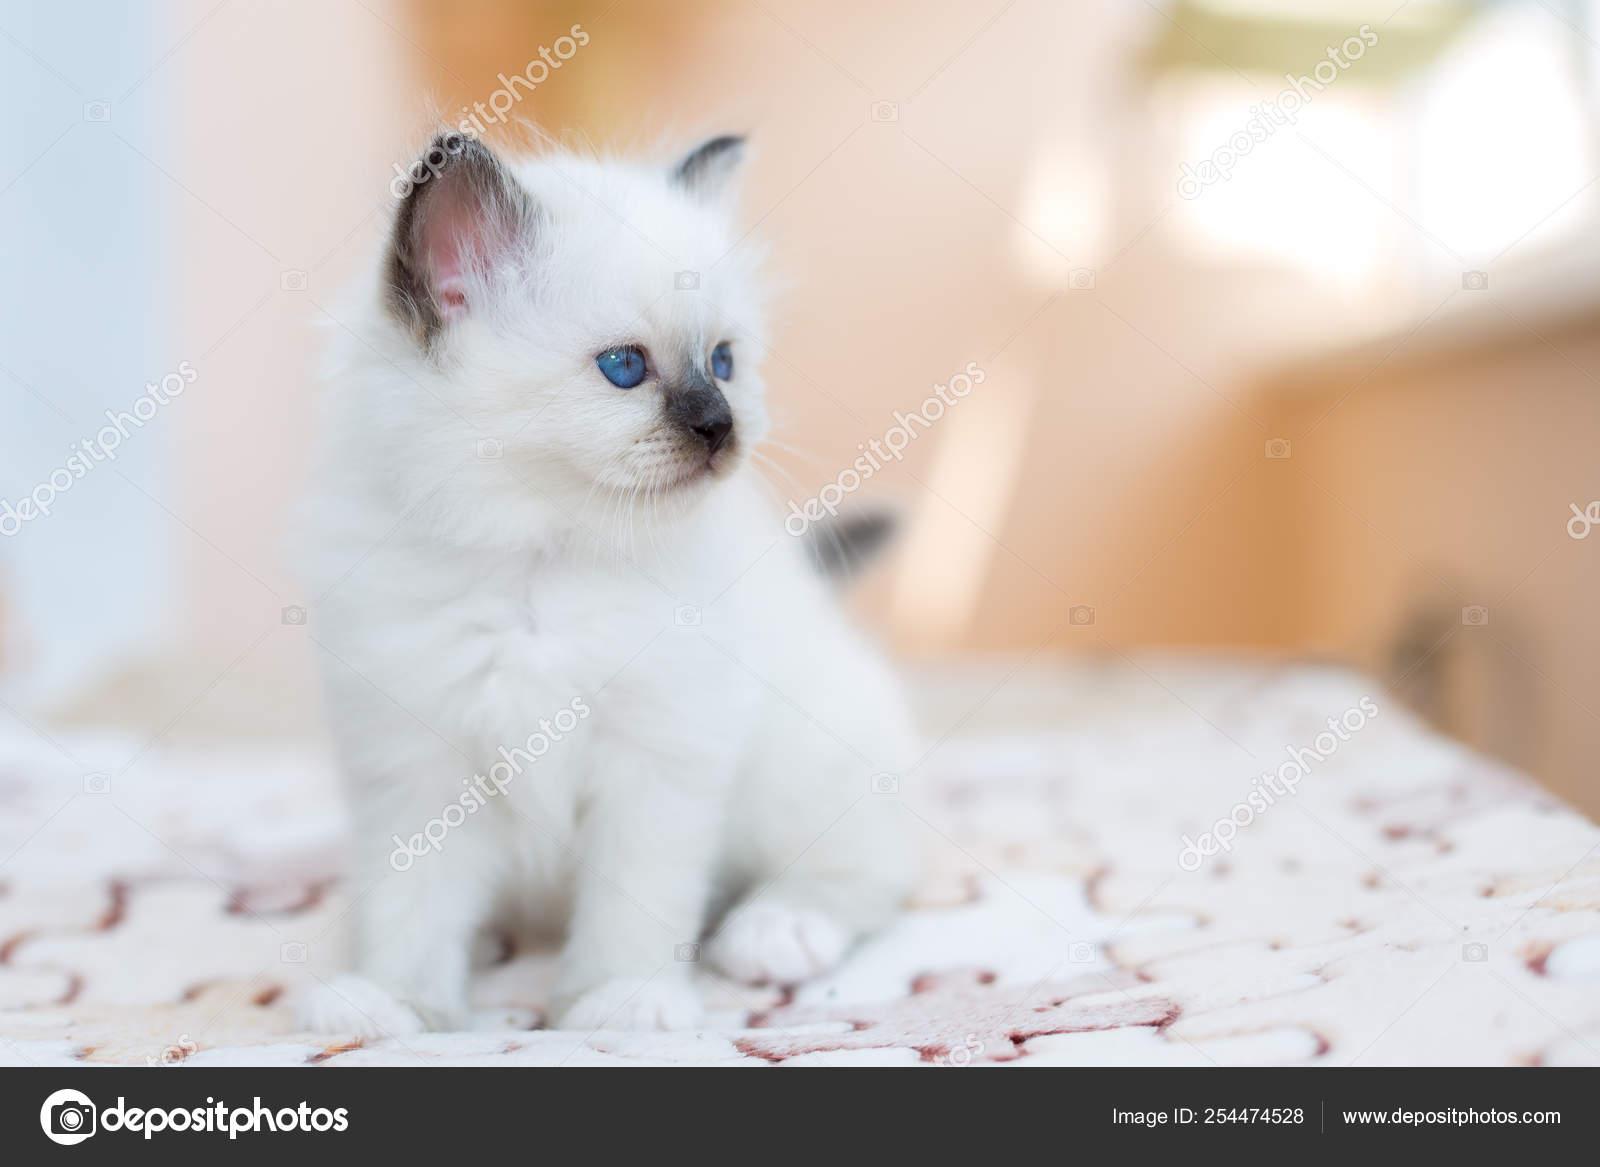 Kitten Cat Breed Sacred Burma On A Light Background Stock Photo C Vadimborkin 254474528